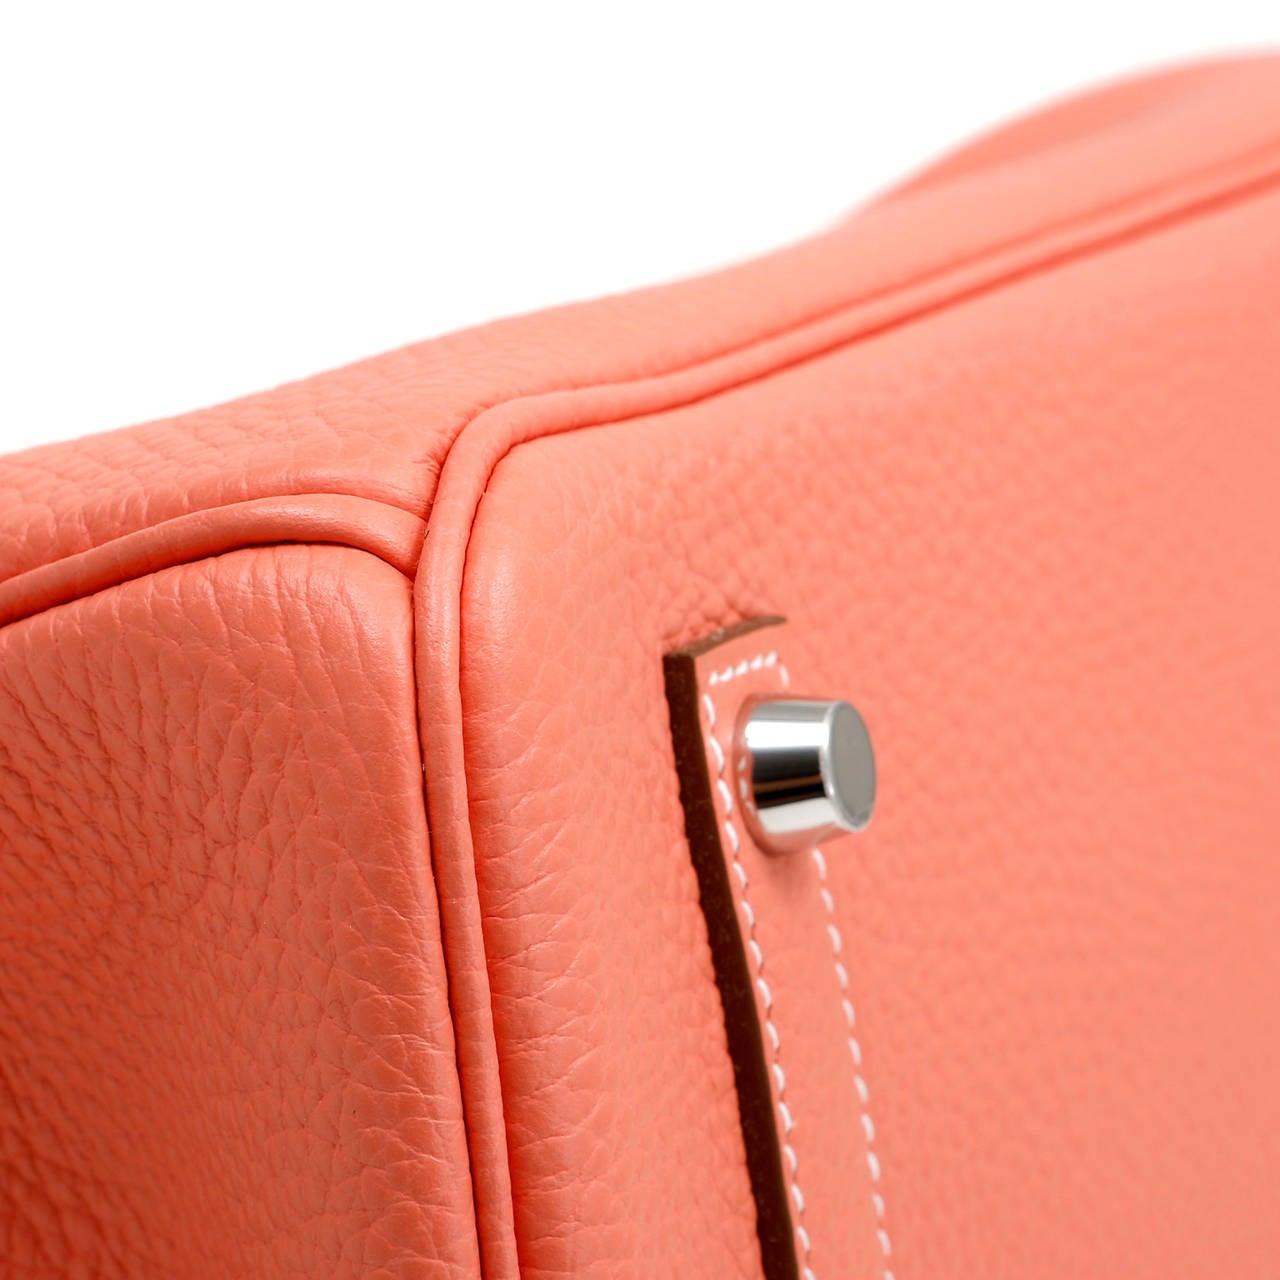 Hermes Crevette Togo 35 cm Birkin Bag- Salmon Pink Color 7